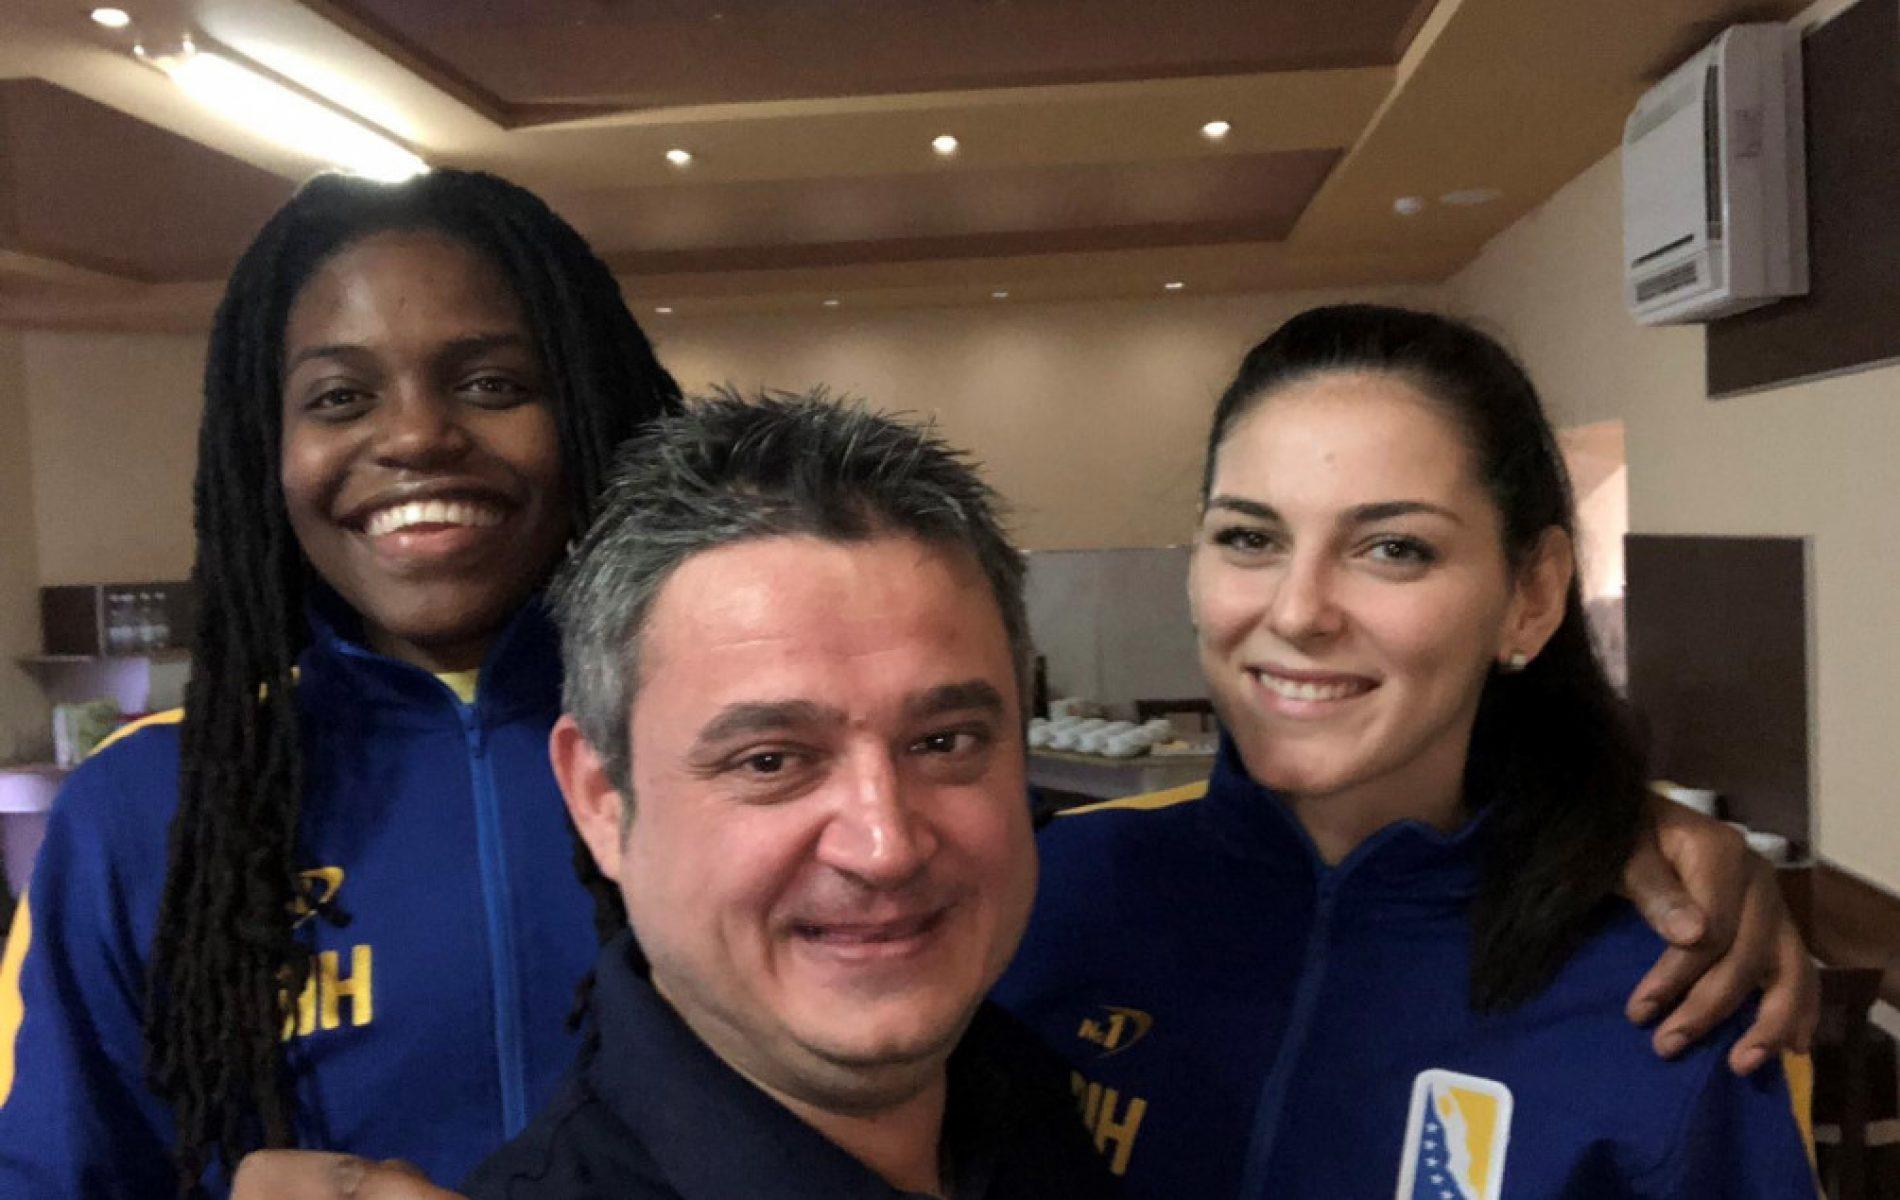 Zvijezda američke ženske košarkaške lige u dresu bosanske selekcije